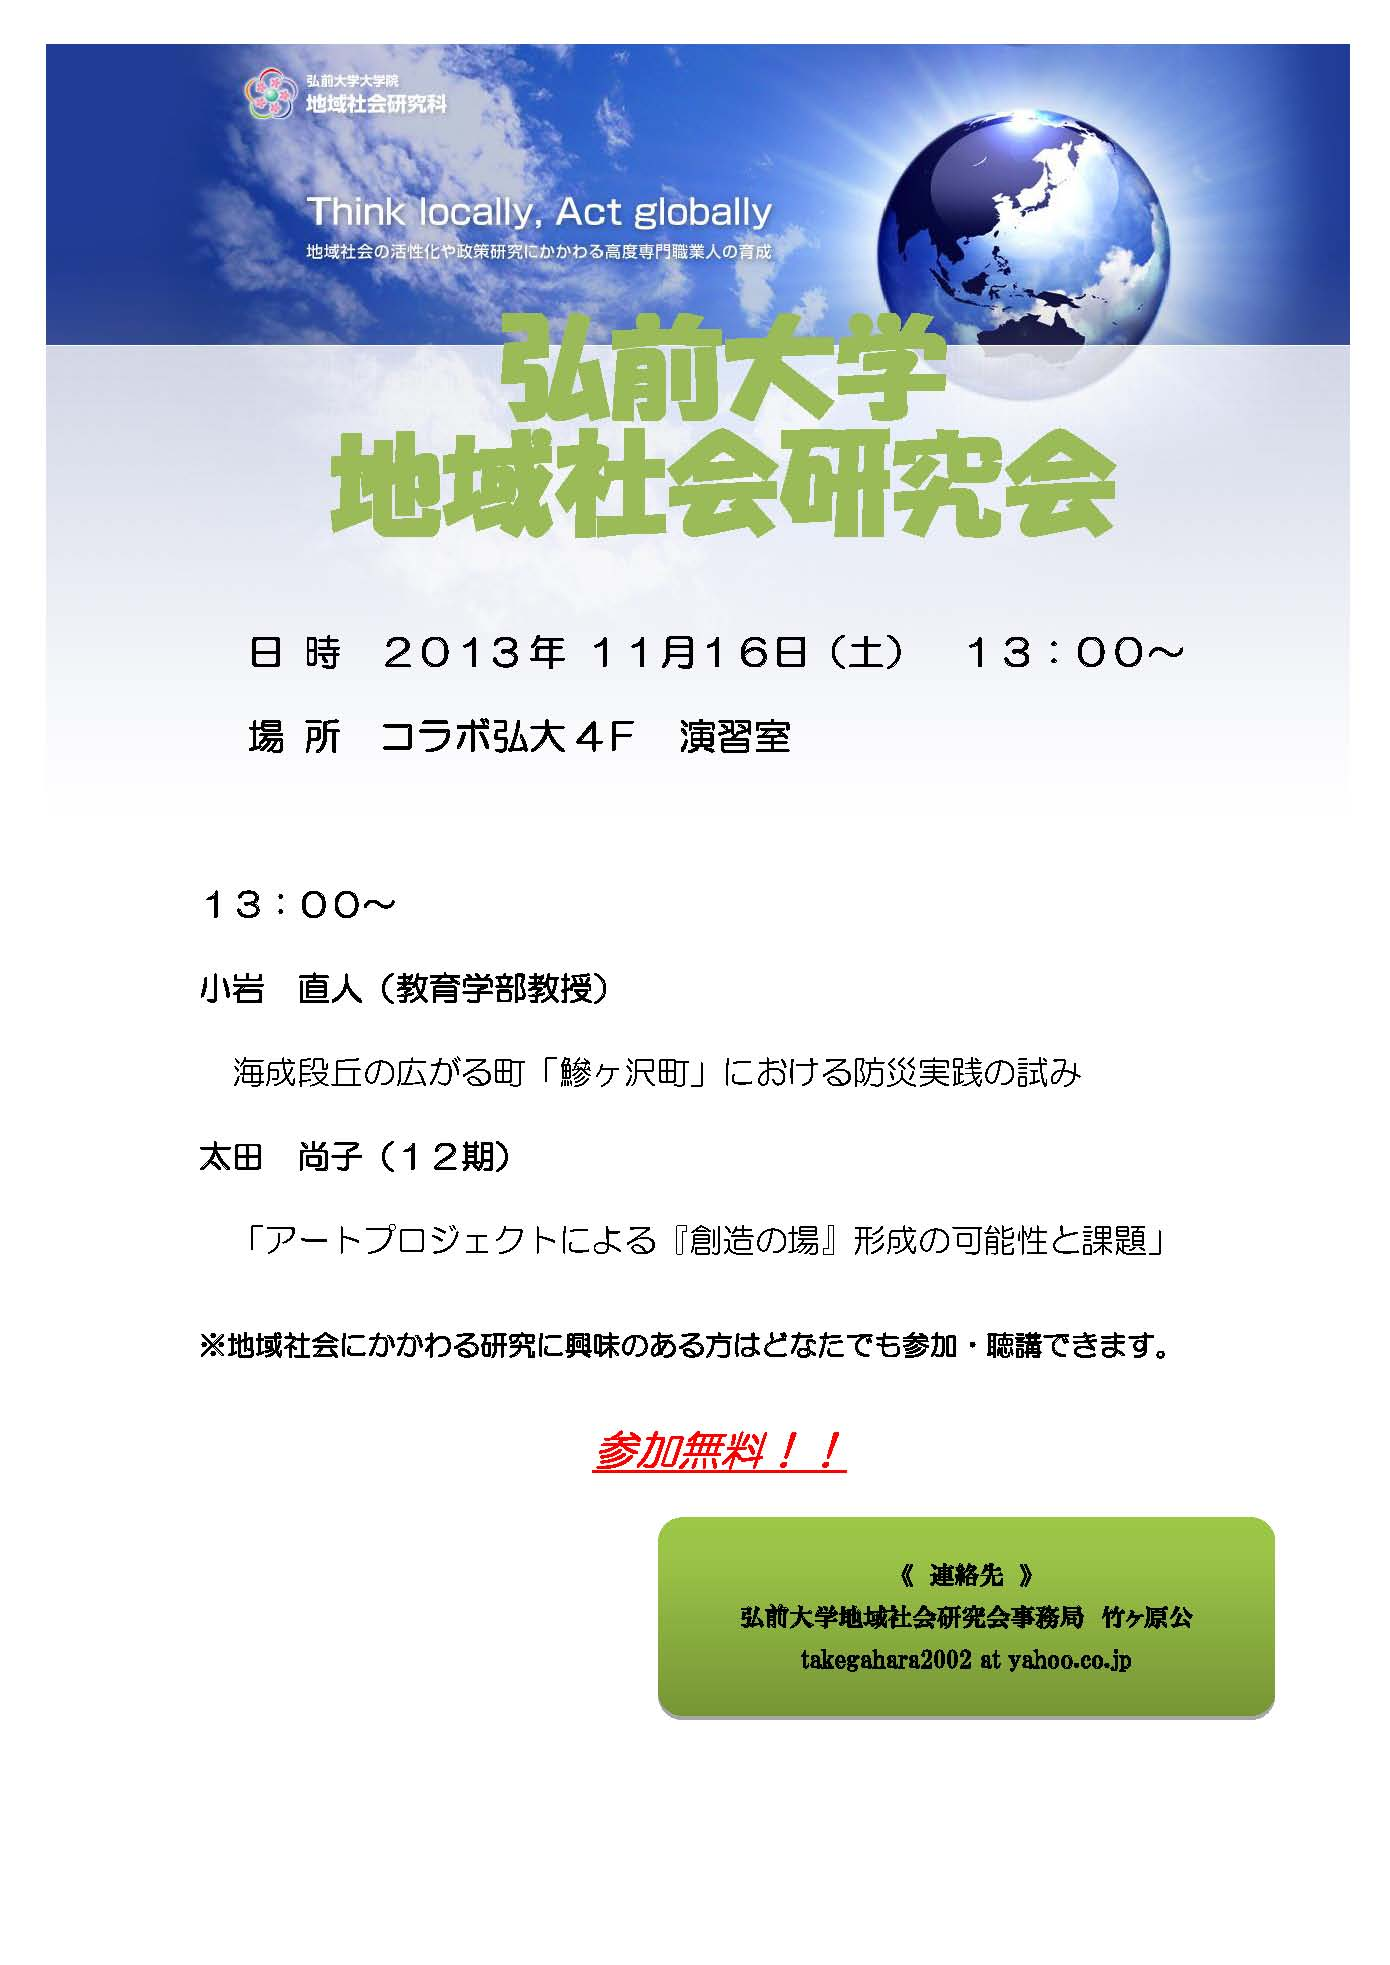 地域社会研究会(2013,11)